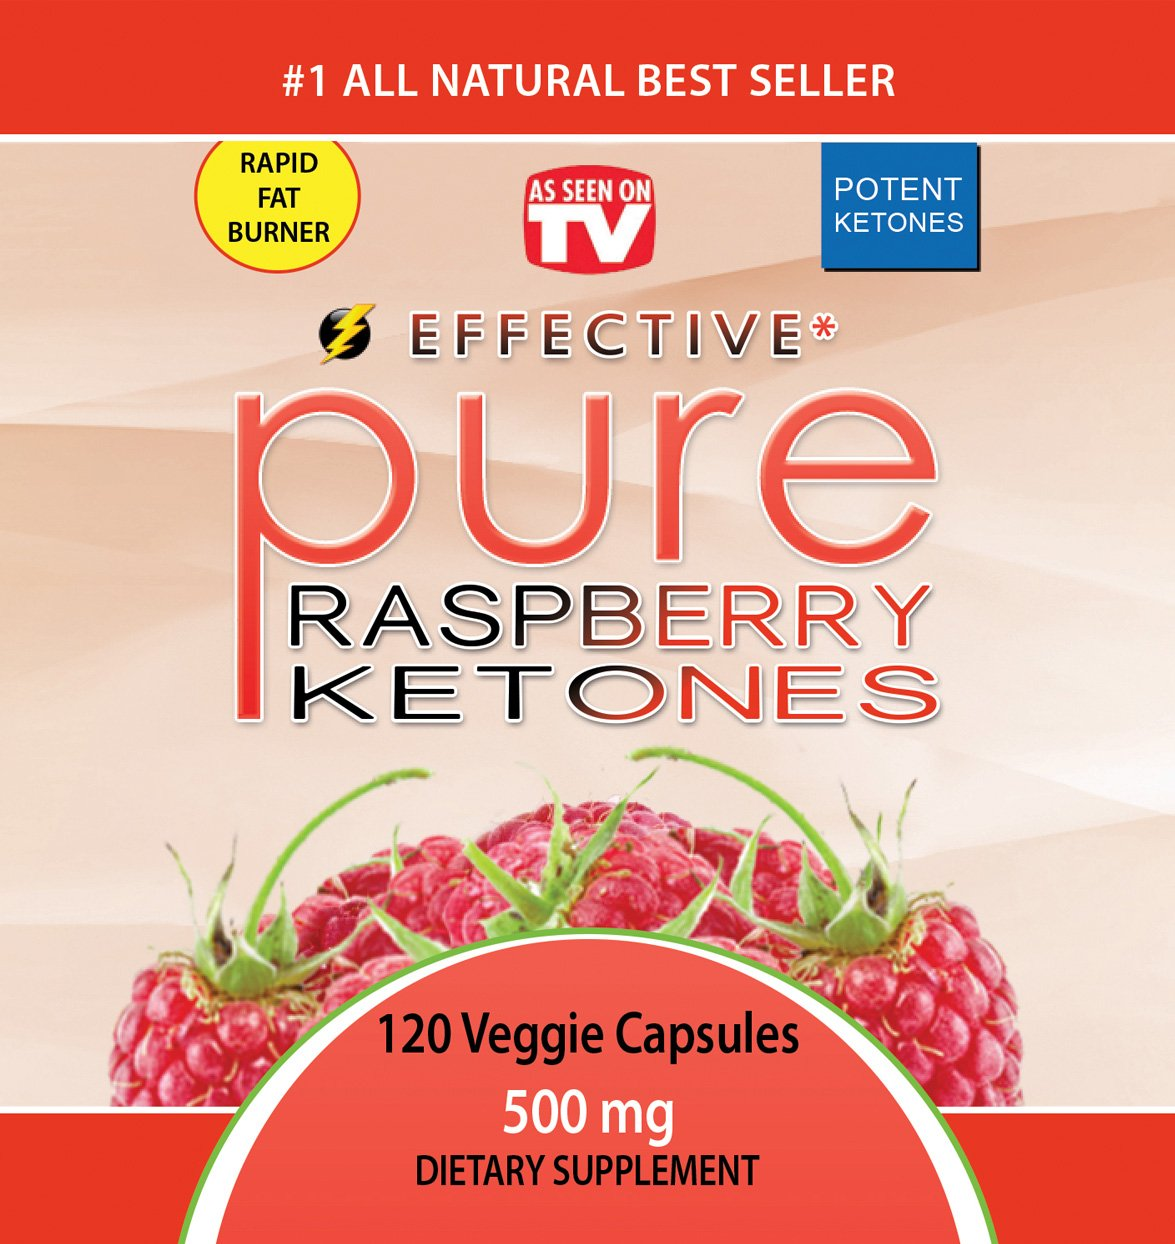 Amazon.com: Eficaz Pure Frambuesa Ketones – As Seen On TV ...